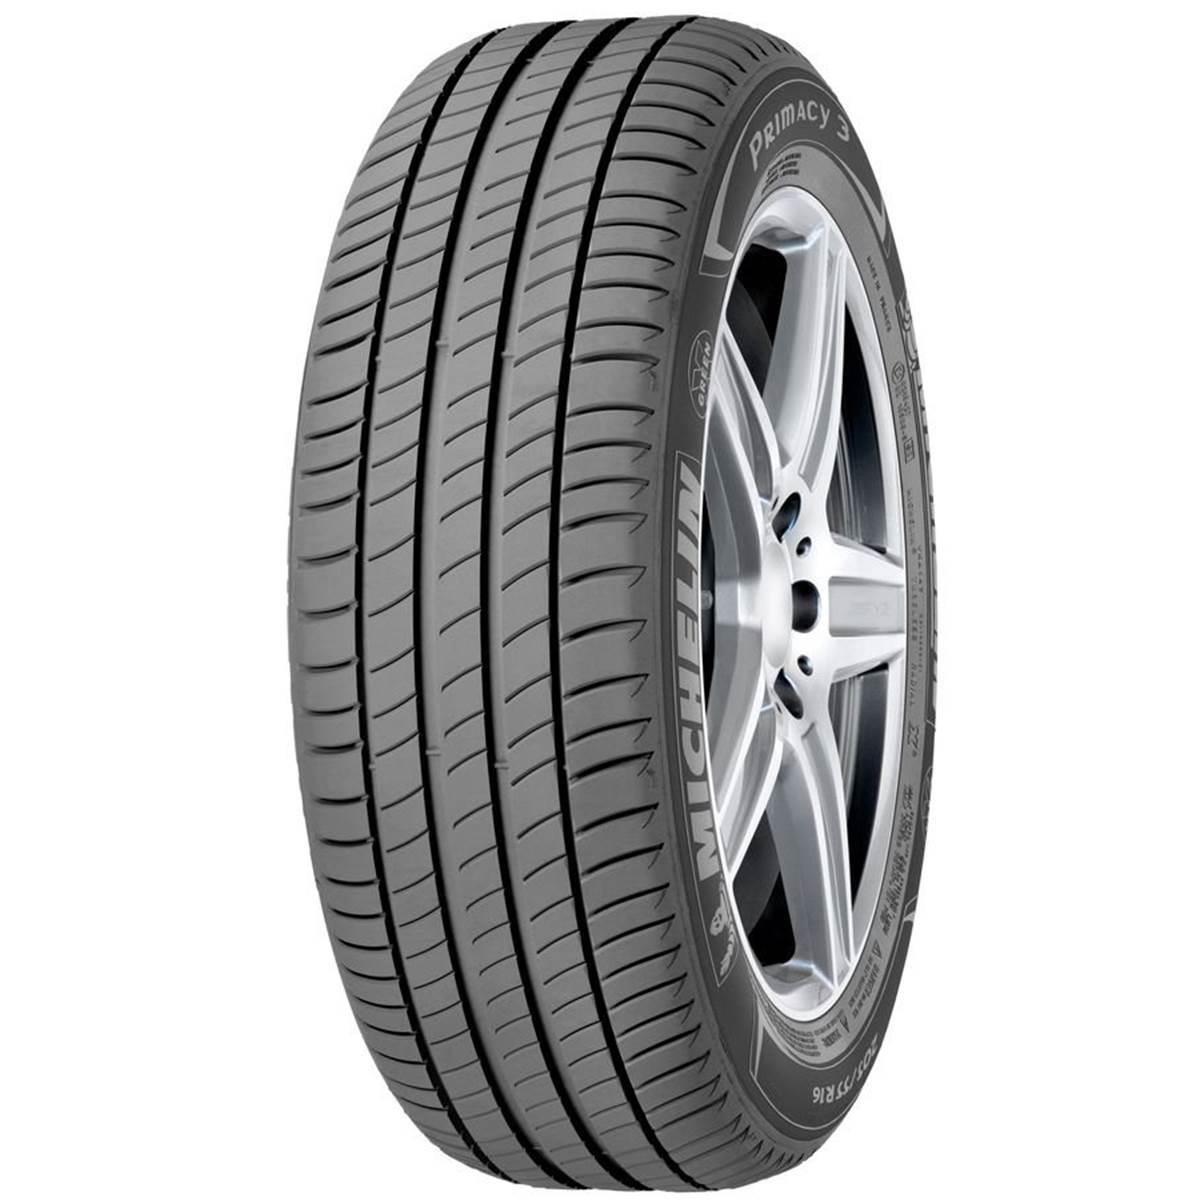 Comparer les prix des pneus Michelin Primacy 3